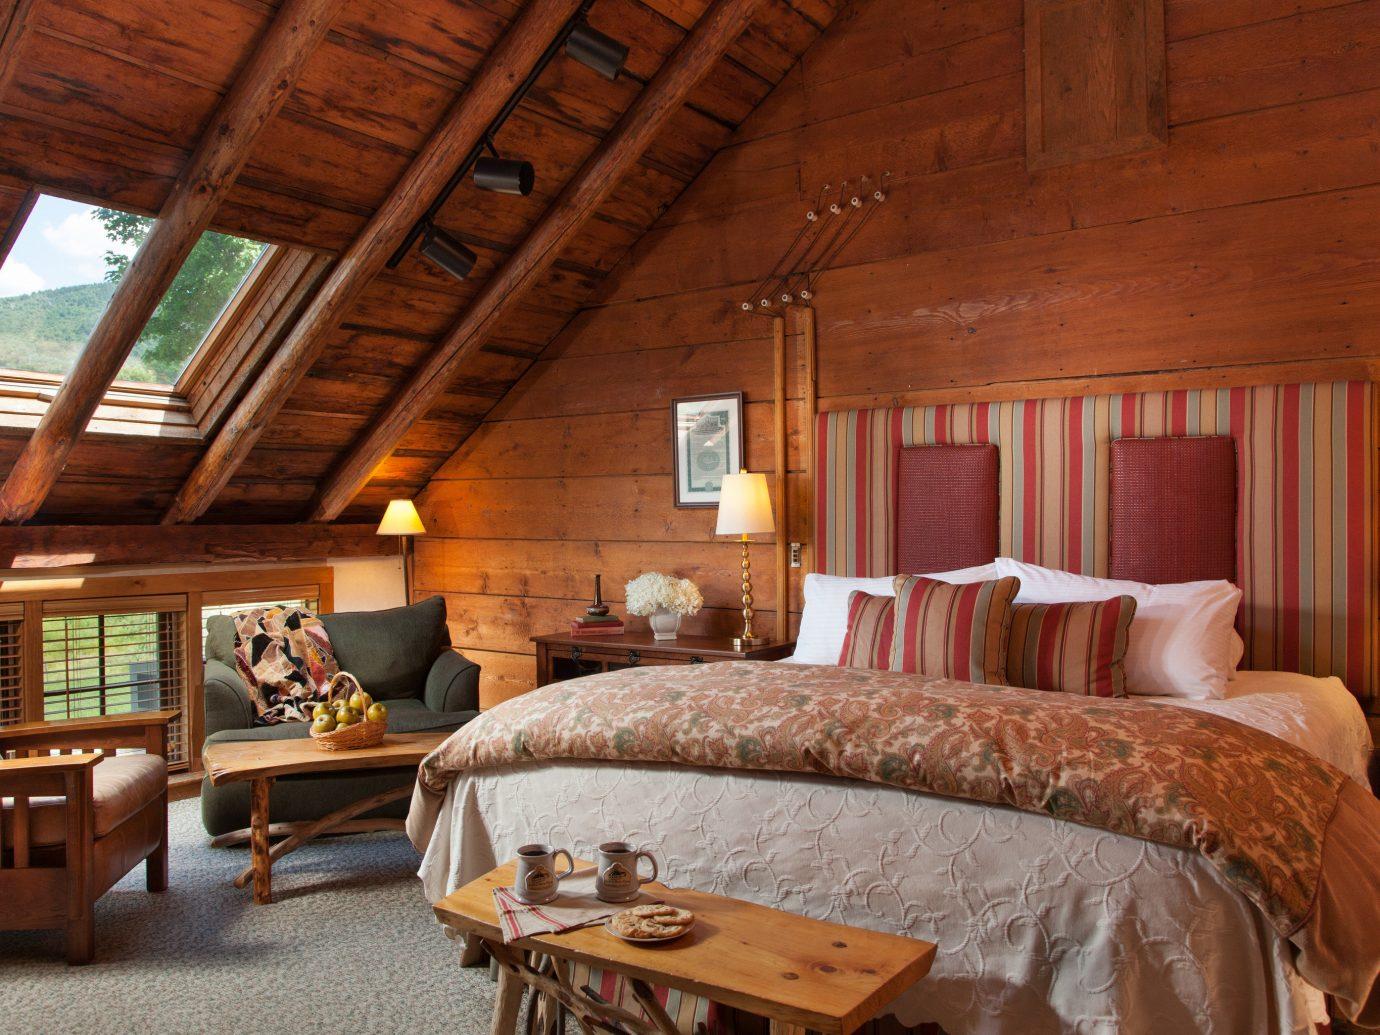 Jetsetter Guides indoor room floor bed property ceiling estate log cabin cottage farmhouse living room home interior design hotel real estate Bedroom Villa Suite Resort wood furniture